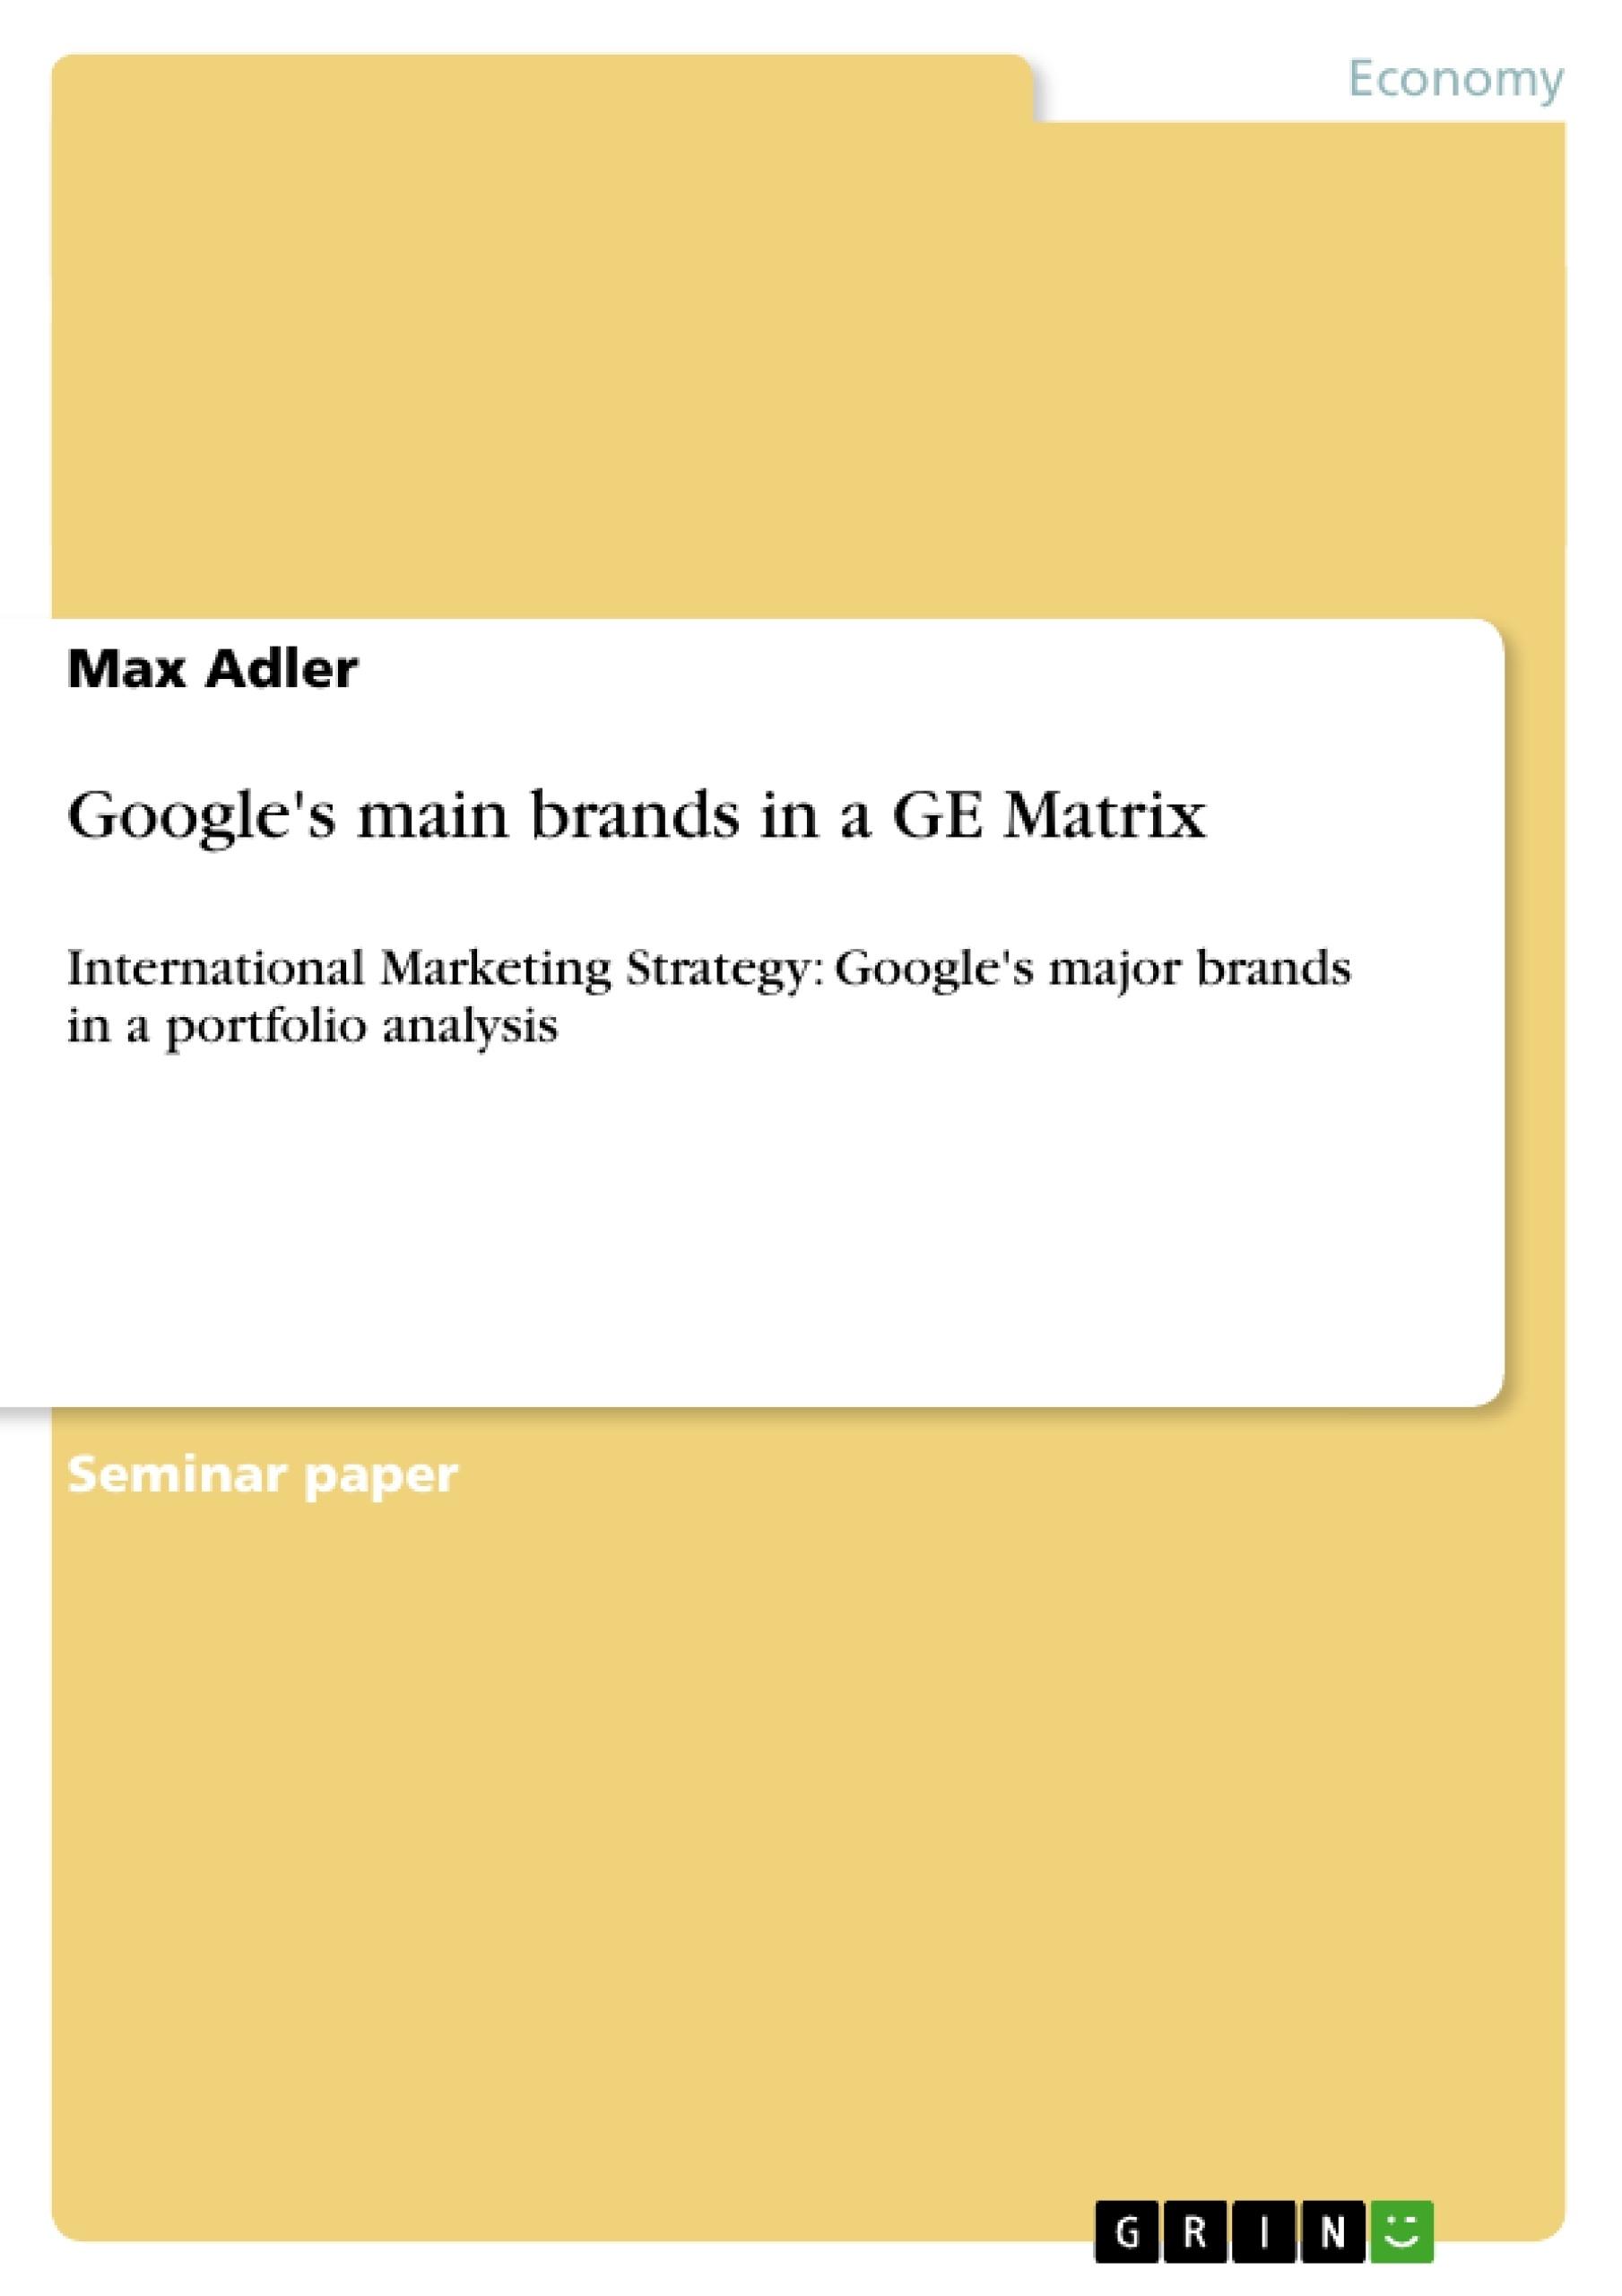 Title: Google's main brands in a GE Matrix